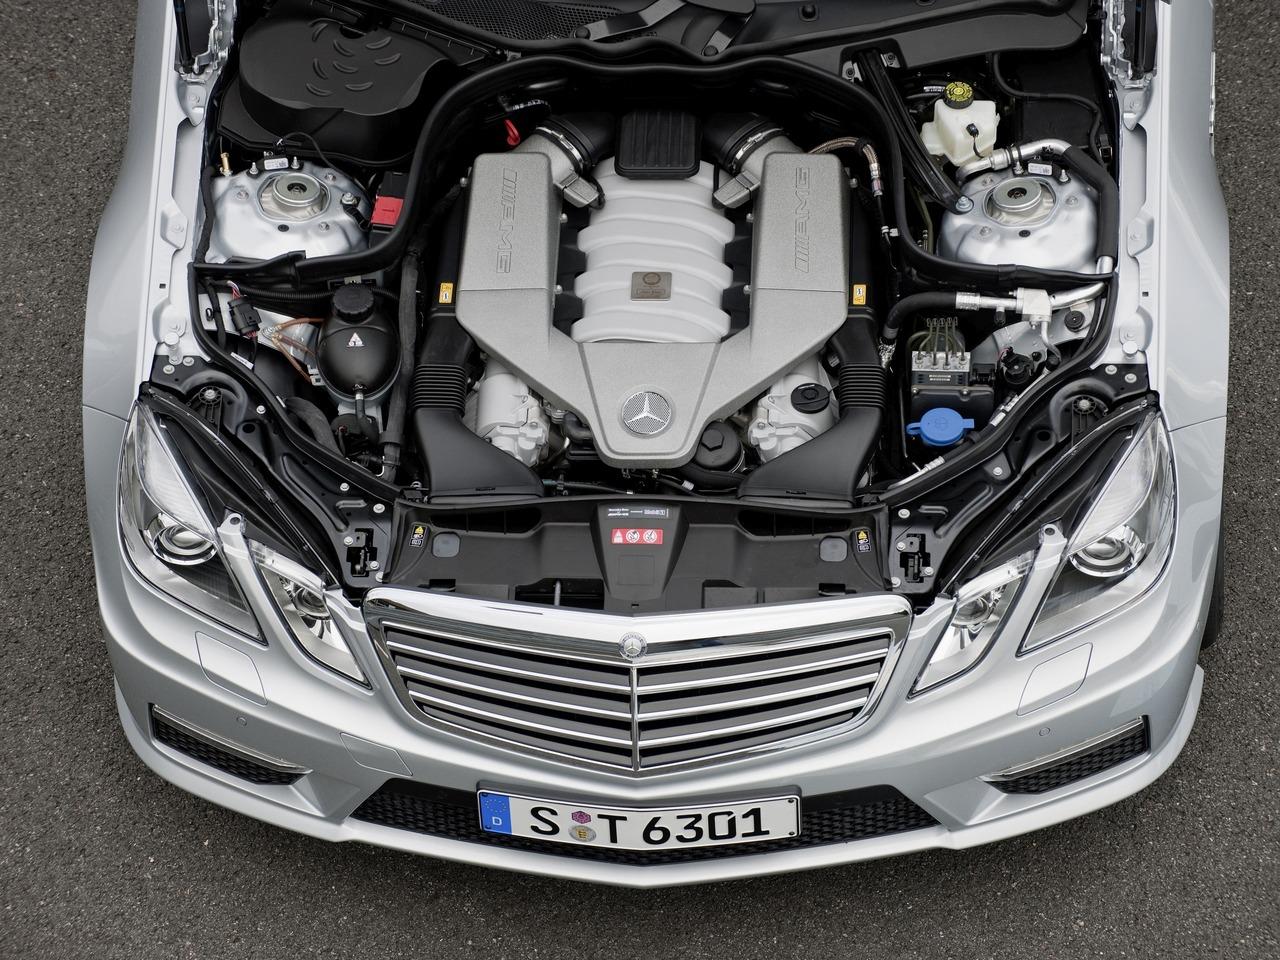 Снимки: Mercedes-benz E-klasse AMG T-mod (W212)